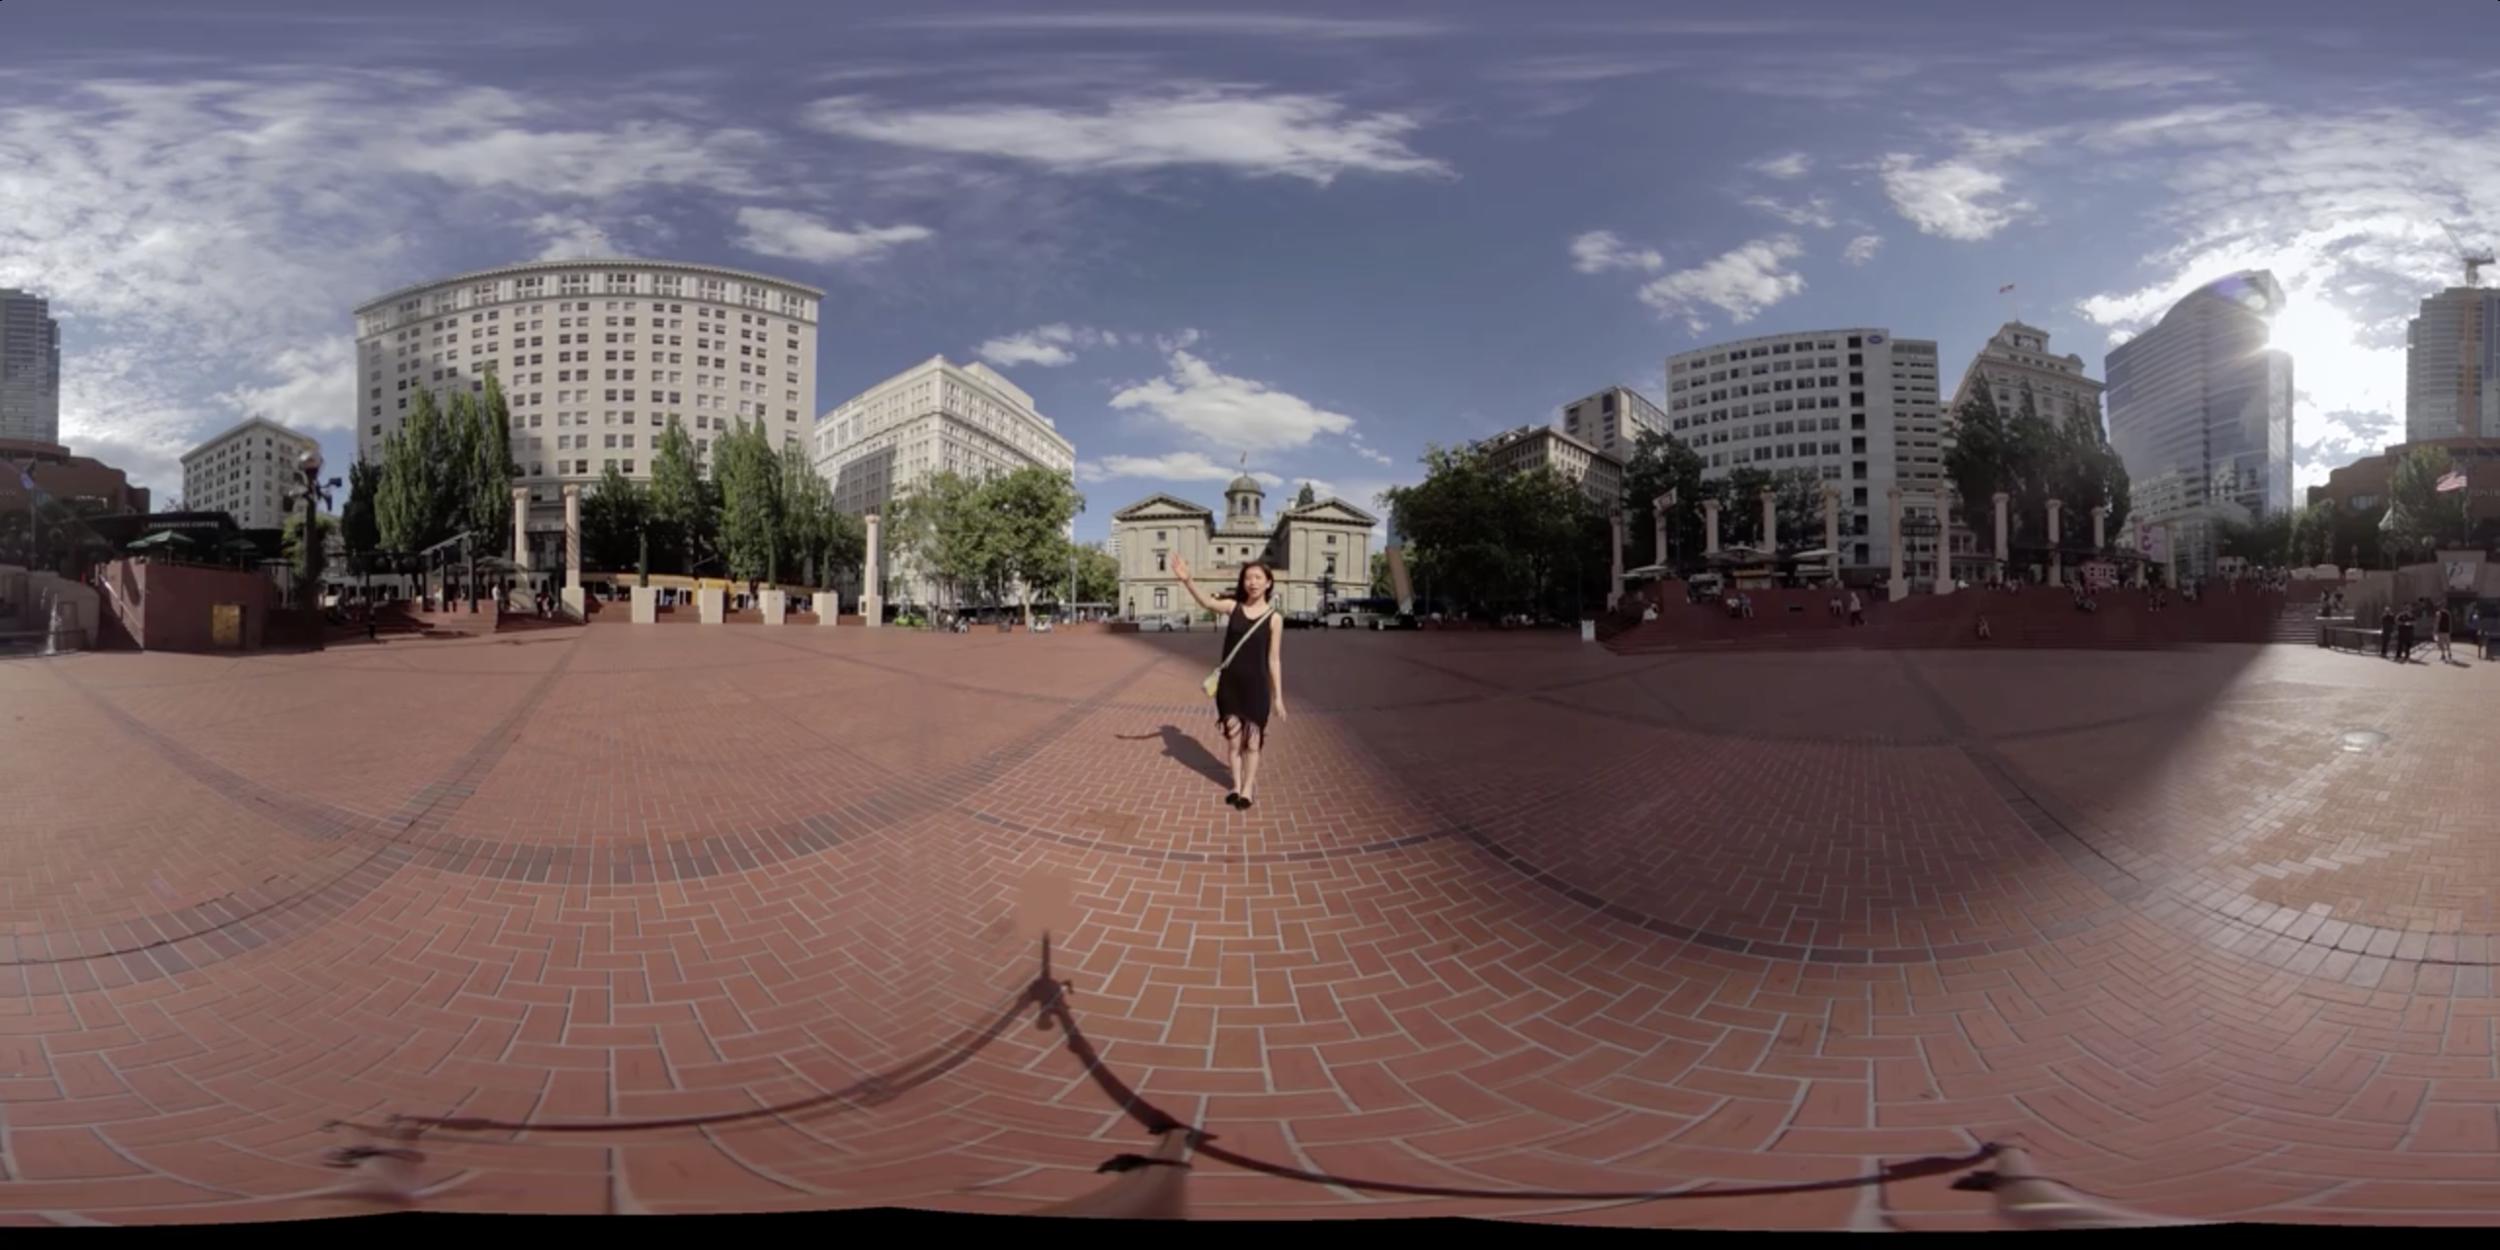 360 VR mage360 imageScreen Shot 2017-11-28 at 11.24.37.png